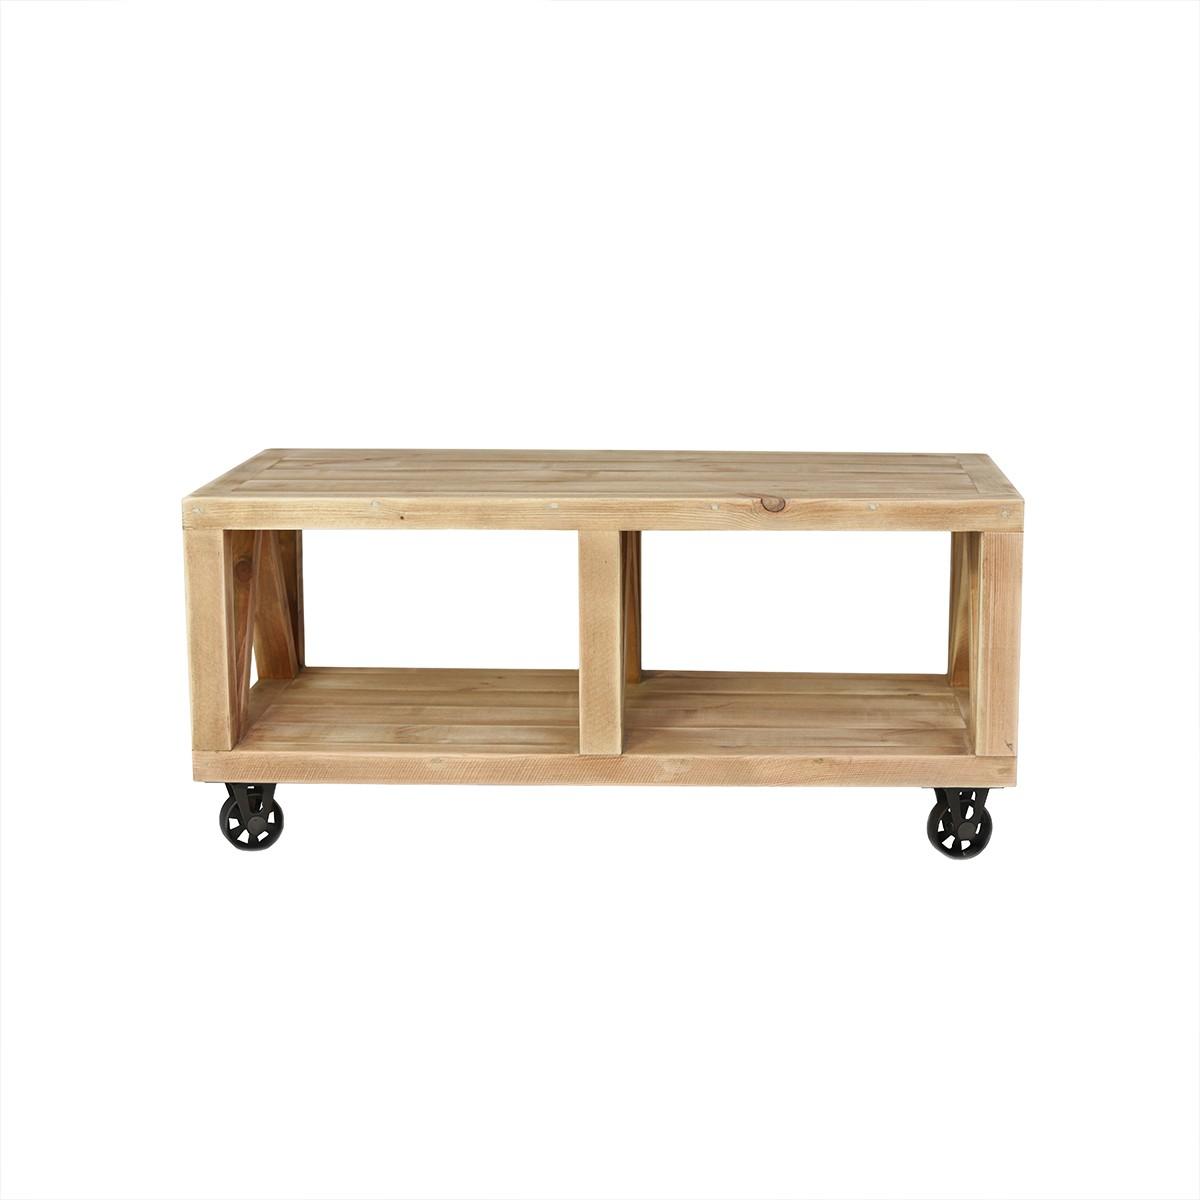 Table basse à roulettes pin massif bois vieilli